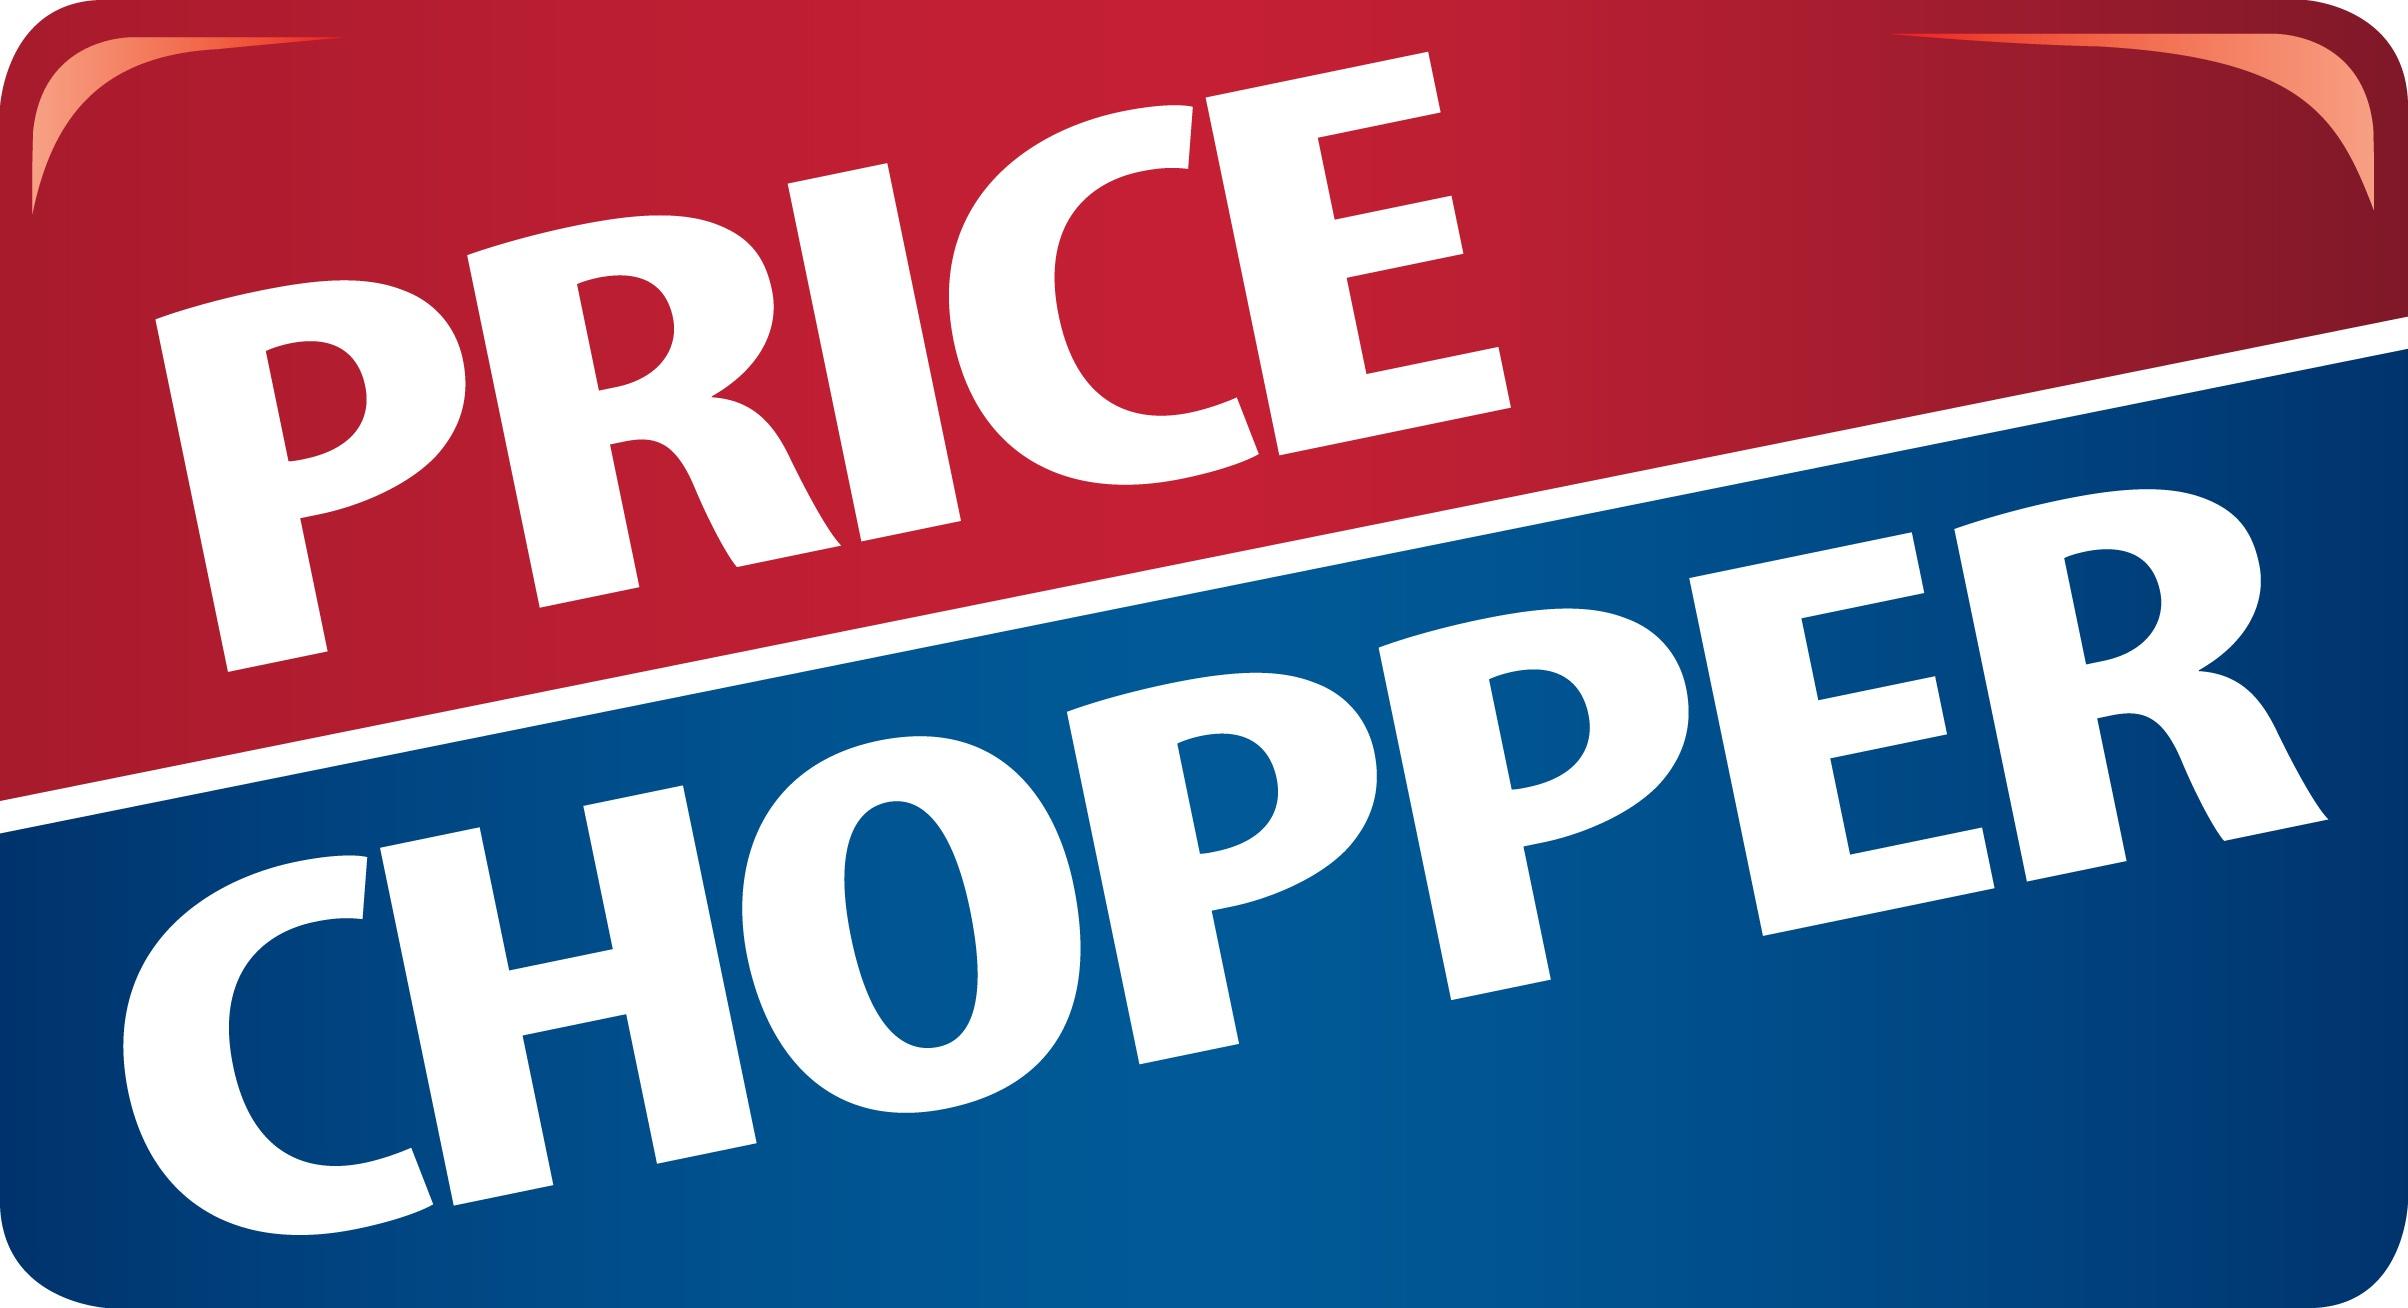 price-chopper-logo.jpg